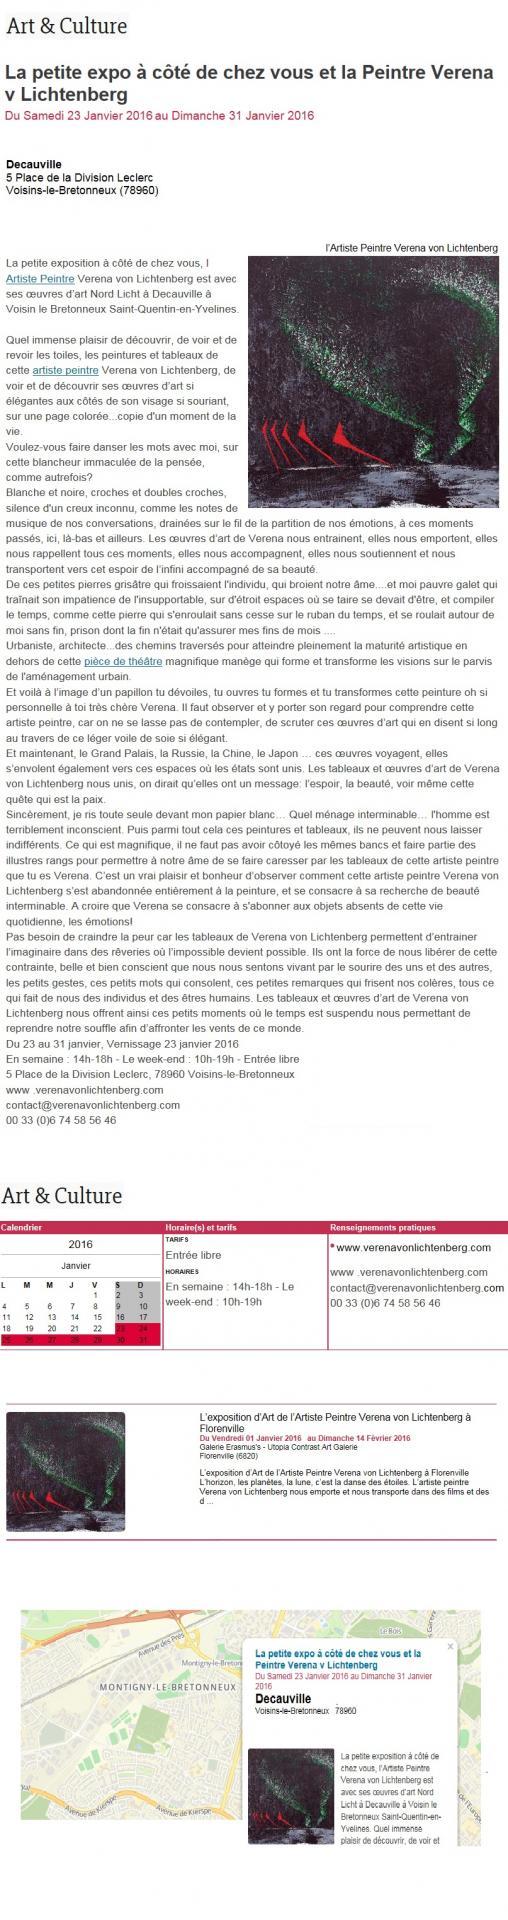 Die kunstausstellung nord licht der malerin verena von lichtenebrg aus strasbourg ist in saint quentin en yvelines paris tokyo ou new york